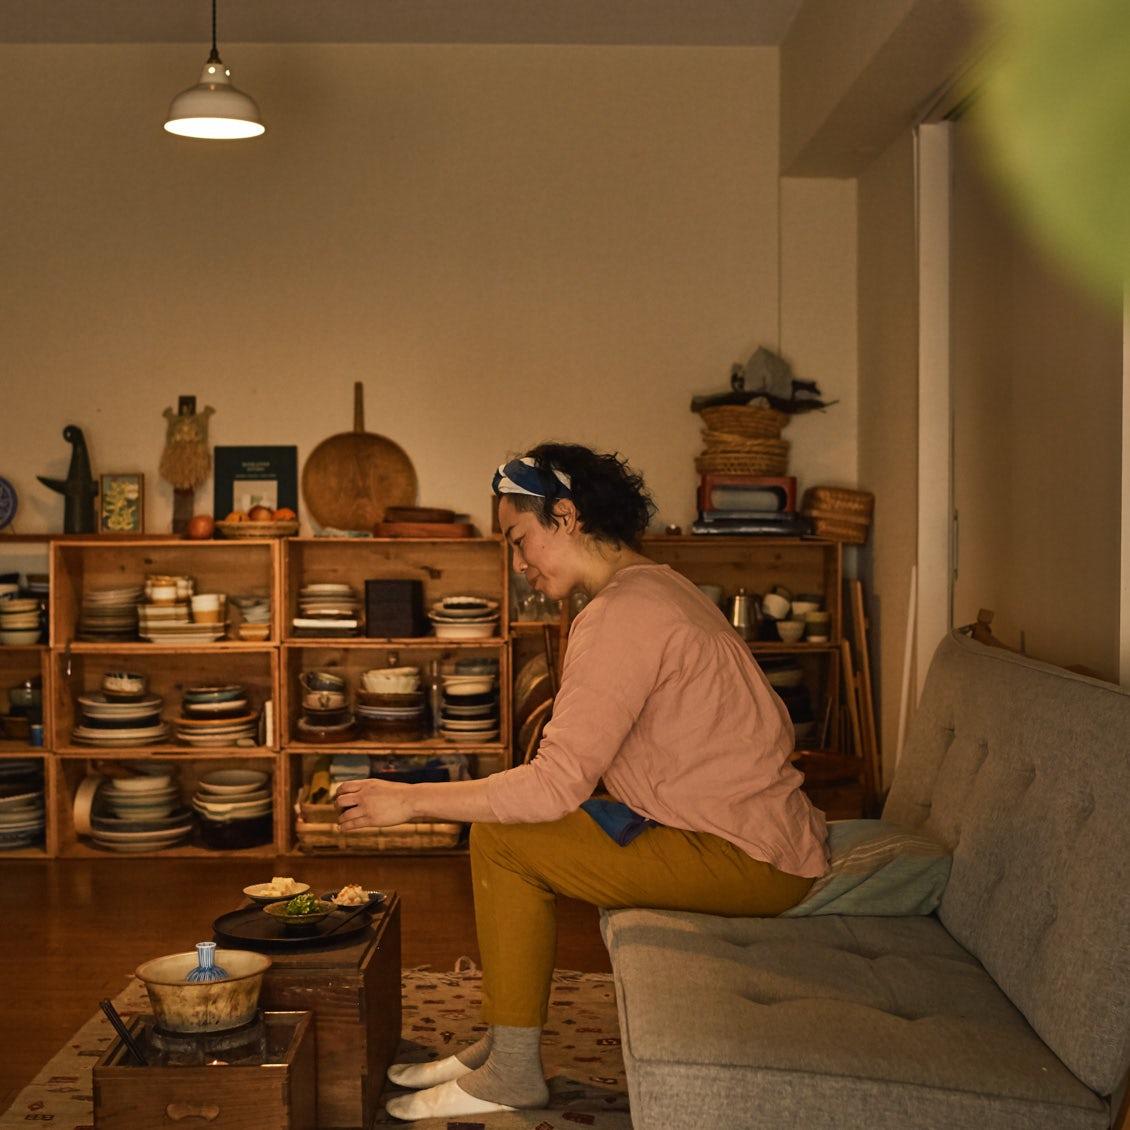 【キッチンからはじまる暮らし】第4話: いつもの部屋が違って見える。朝と夜のテーブルまわり